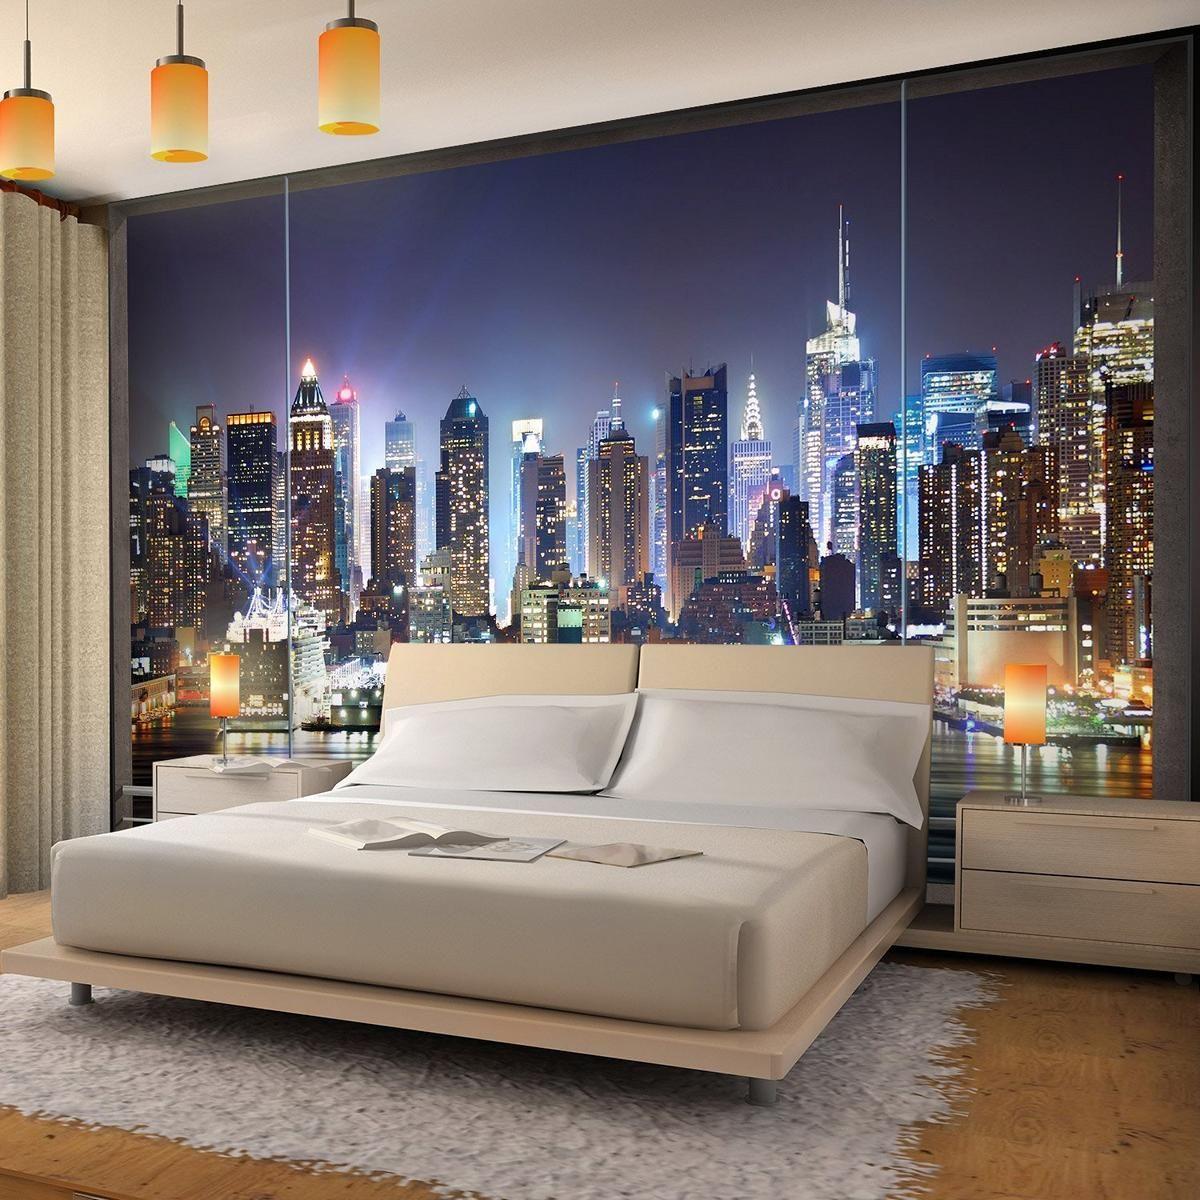 Fototapete Fenster vlies fototapete fenster nach york ist eine beeindruckende